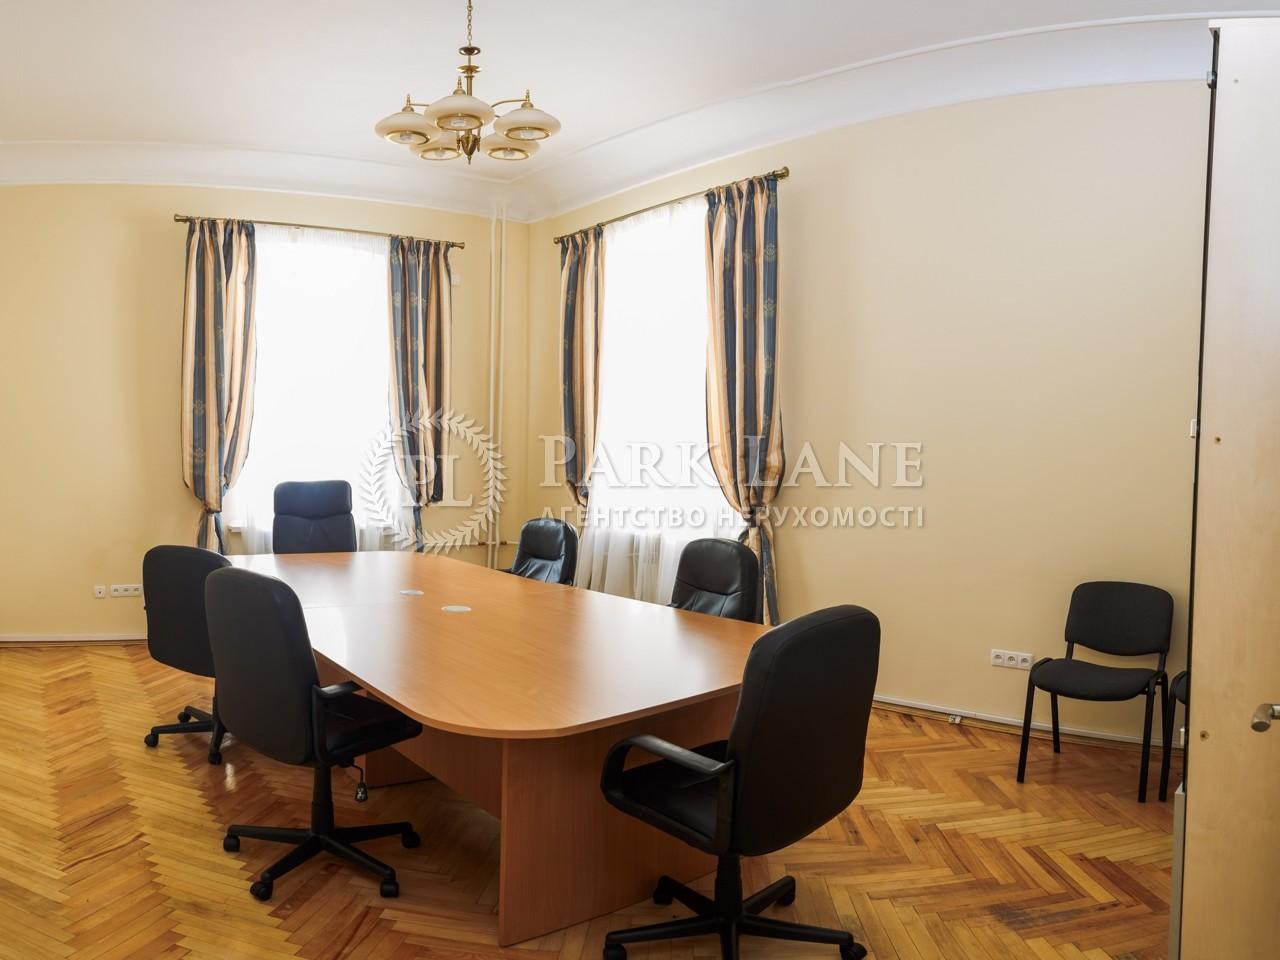 Нежитлове приміщення, вул. Інститутська, Київ, M-35475 - Фото 8